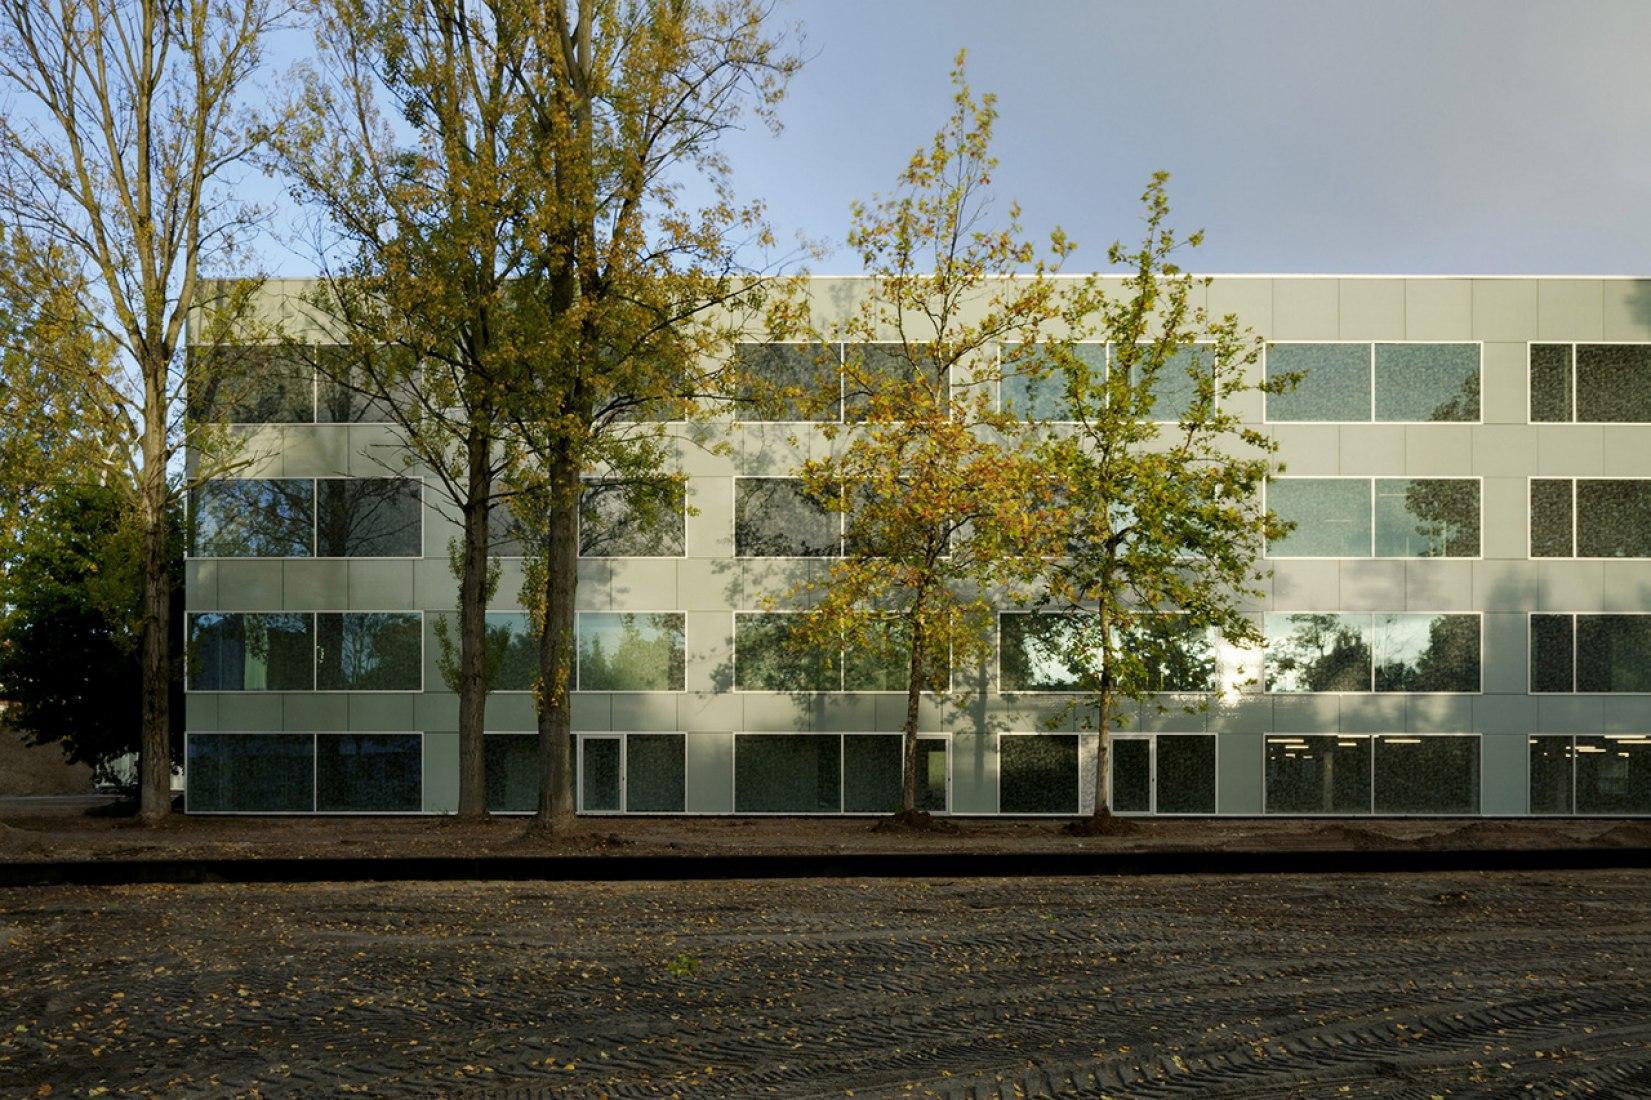 Fachada. Nuevo Campus Hoogvliet por Wiel Arets Architects. Fotografía © Jan Bitter.